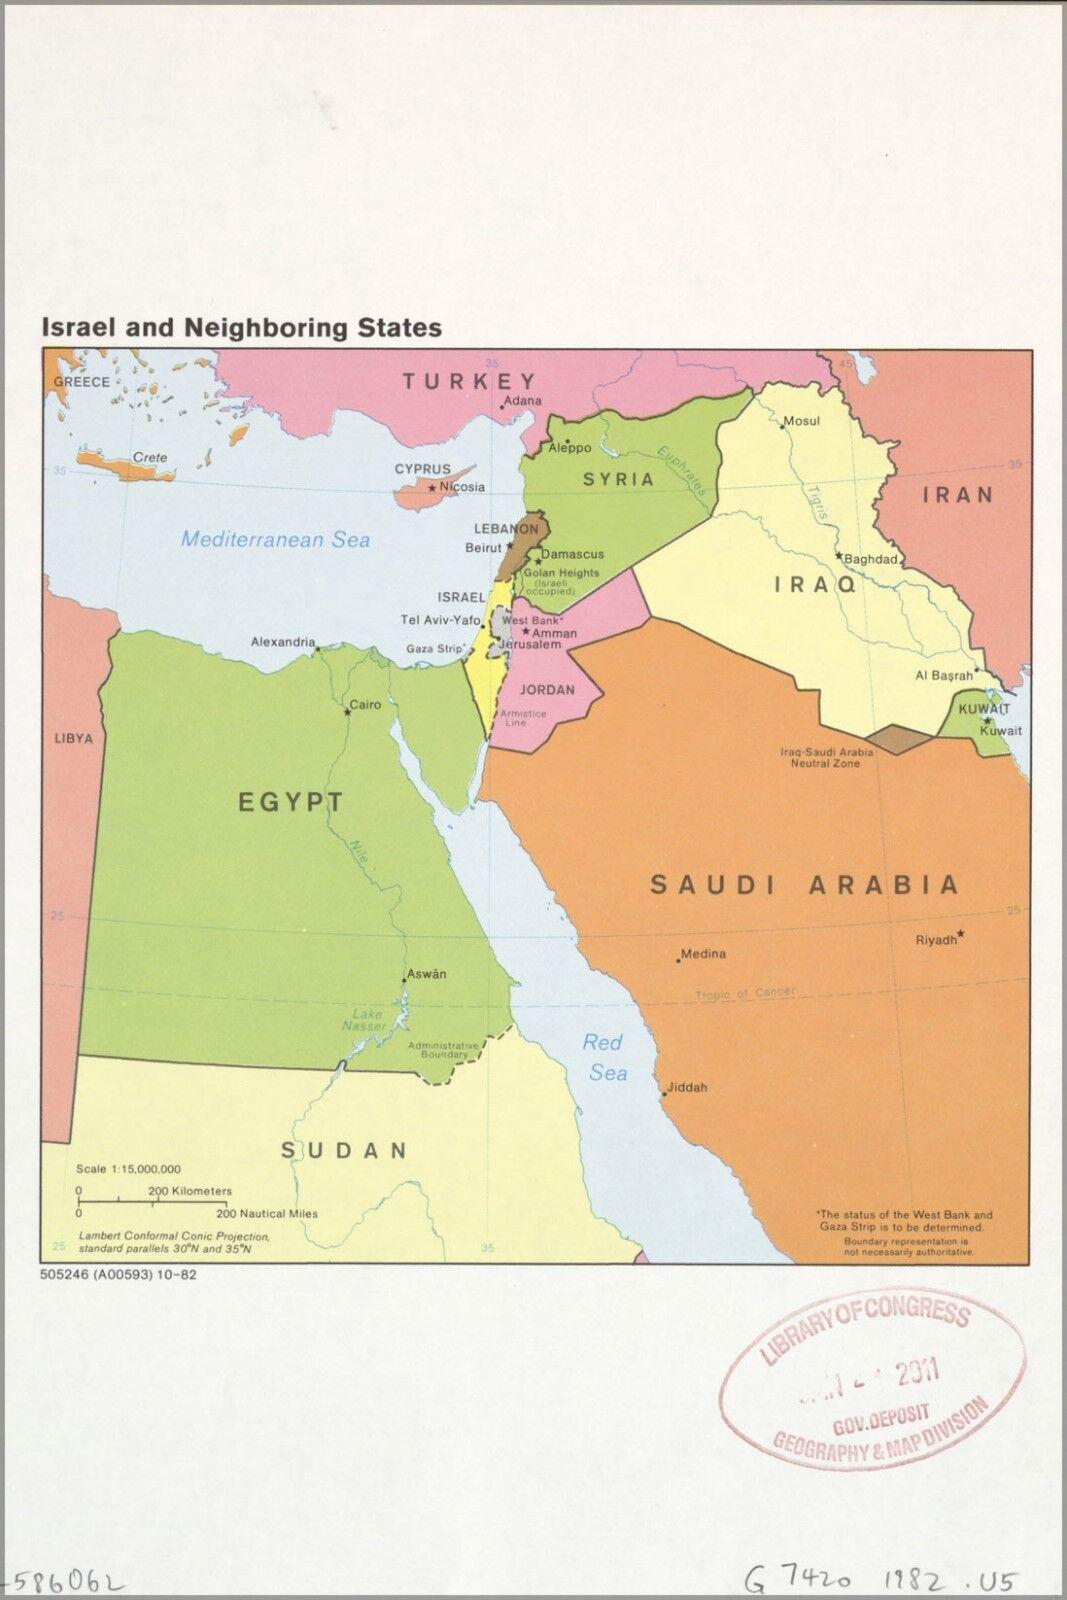 Plakat, Viele Größen; Cia Karte von Israel und Gehendes Staaten 1982